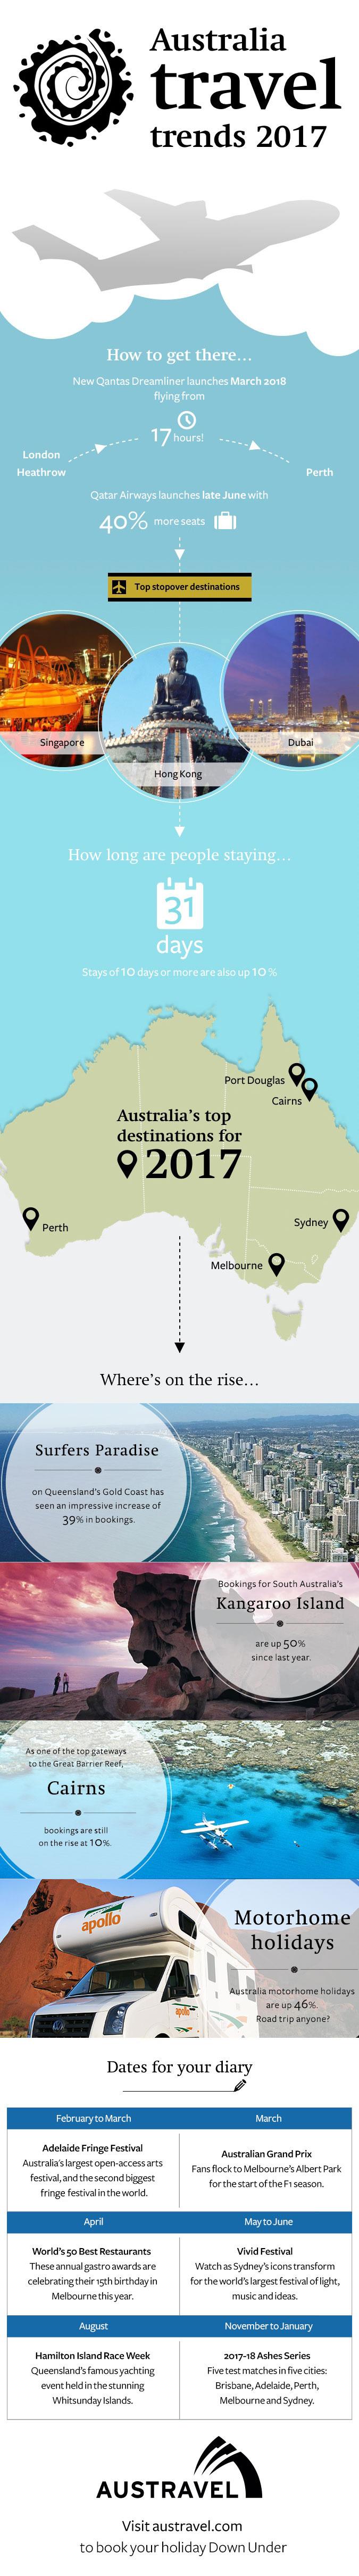 Australia travel trends infographic